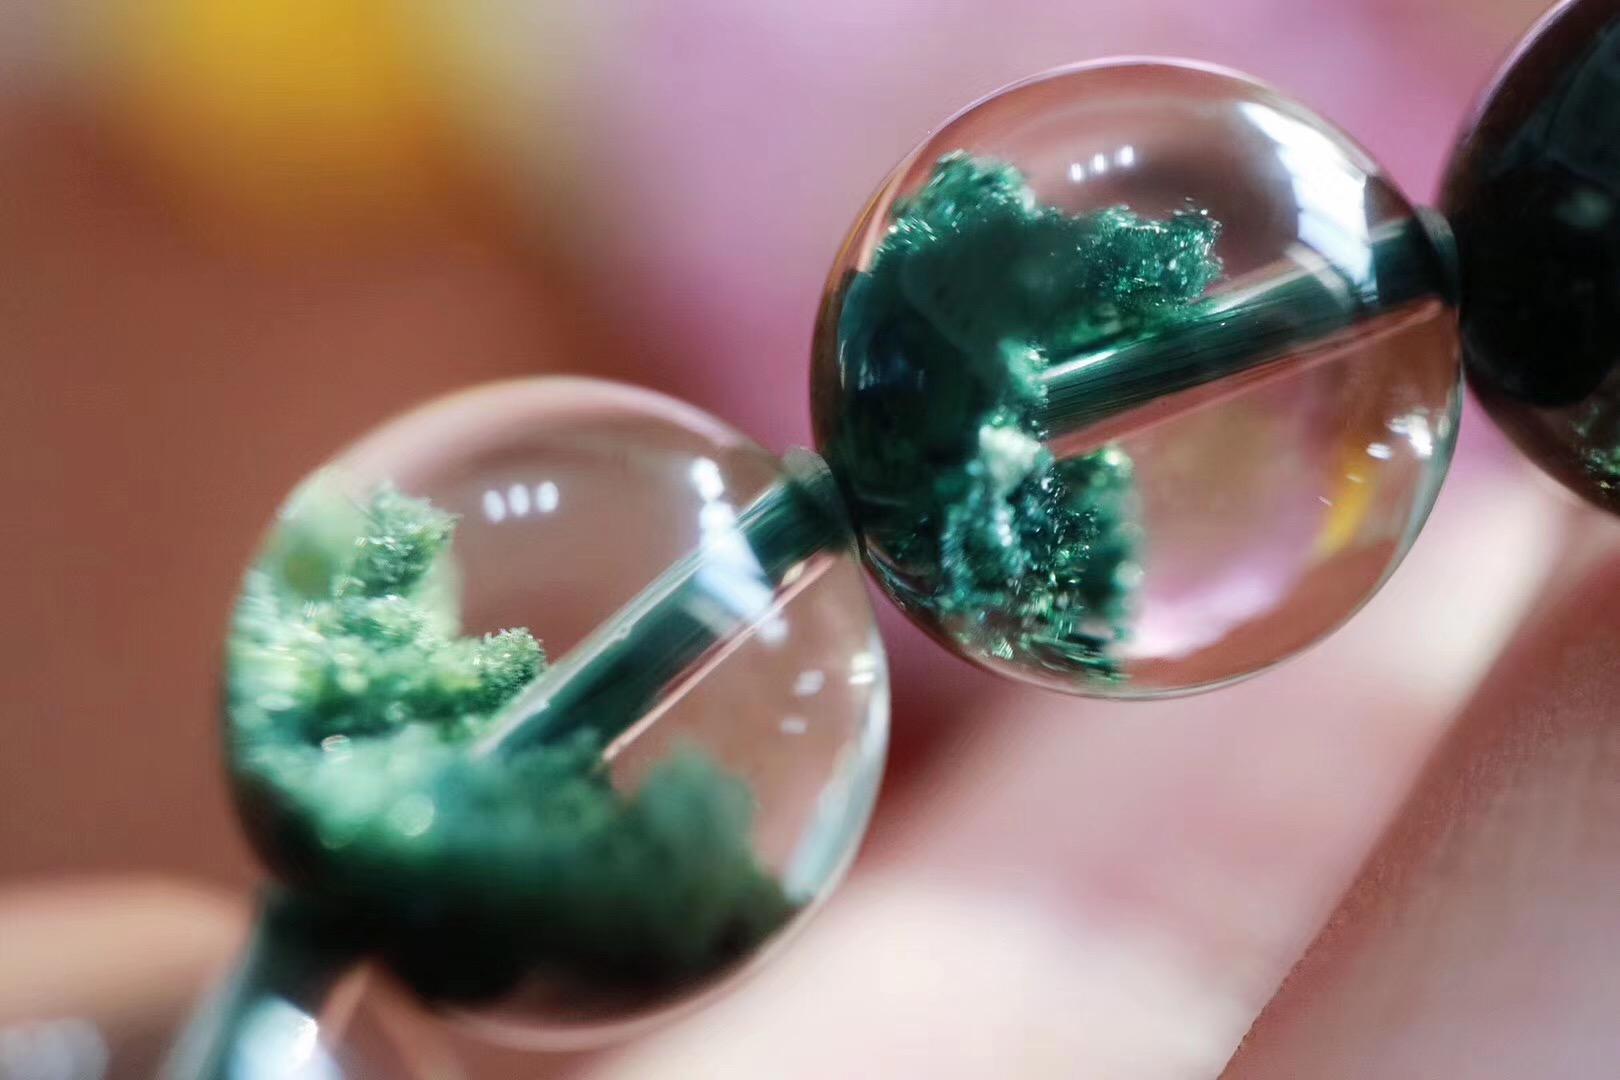 【绿幽灵聚宝盆】 来自大自然中赏心悦目的山水画~-菩心晶舍